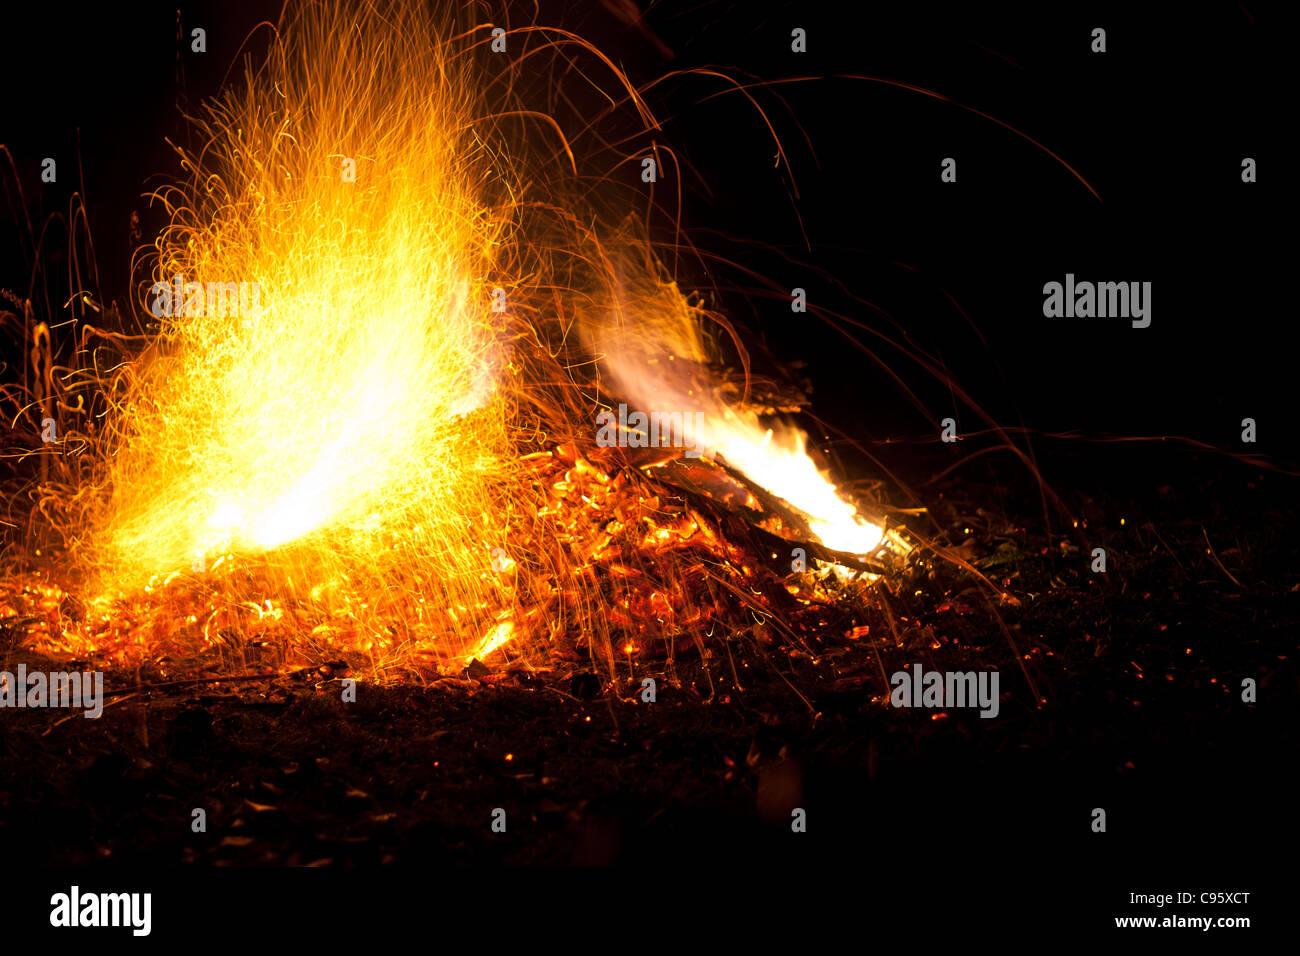 Feu avec flammes et étincelles. Orange intense, jaune de feu contre un fond noir nuit. Photo Stock